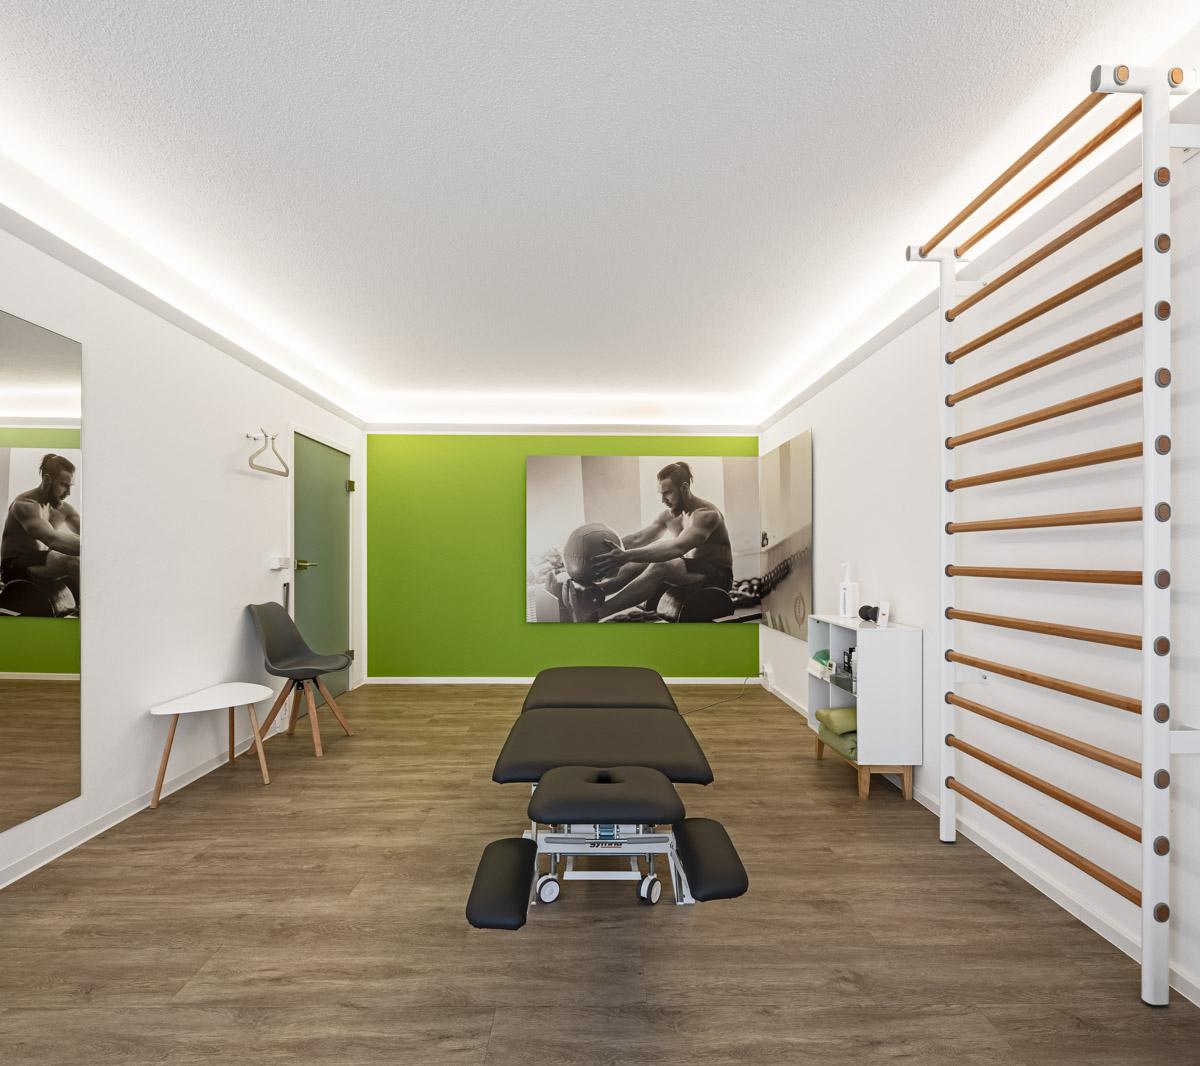 Physiotherapiefachpraxis Heynold auf der Papsdorfer Straße - Lichtmänner GmbH - Sportraum